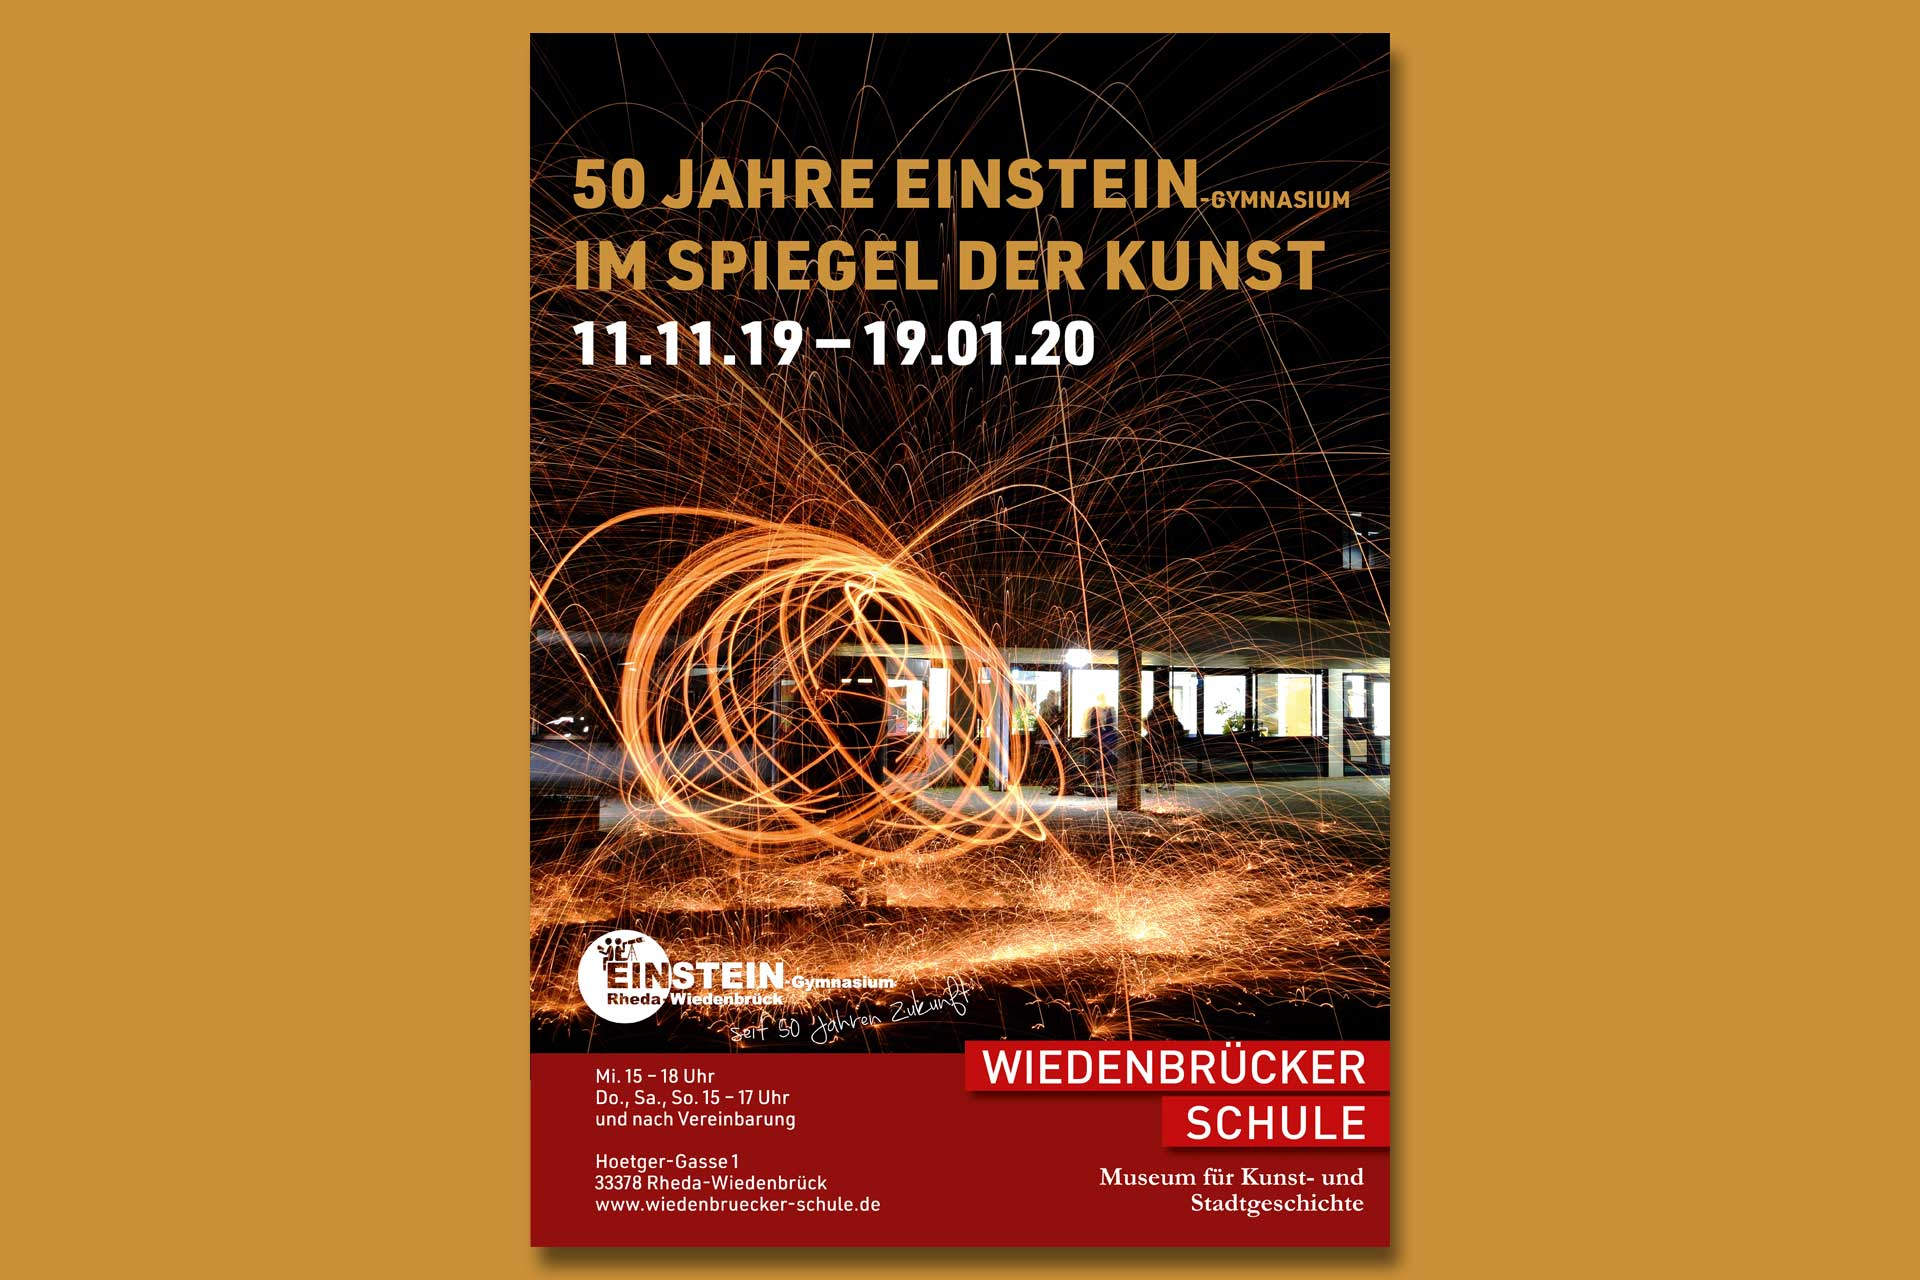 Plakat der Ausstellung 50 Jahre Einstein-Gymnasium